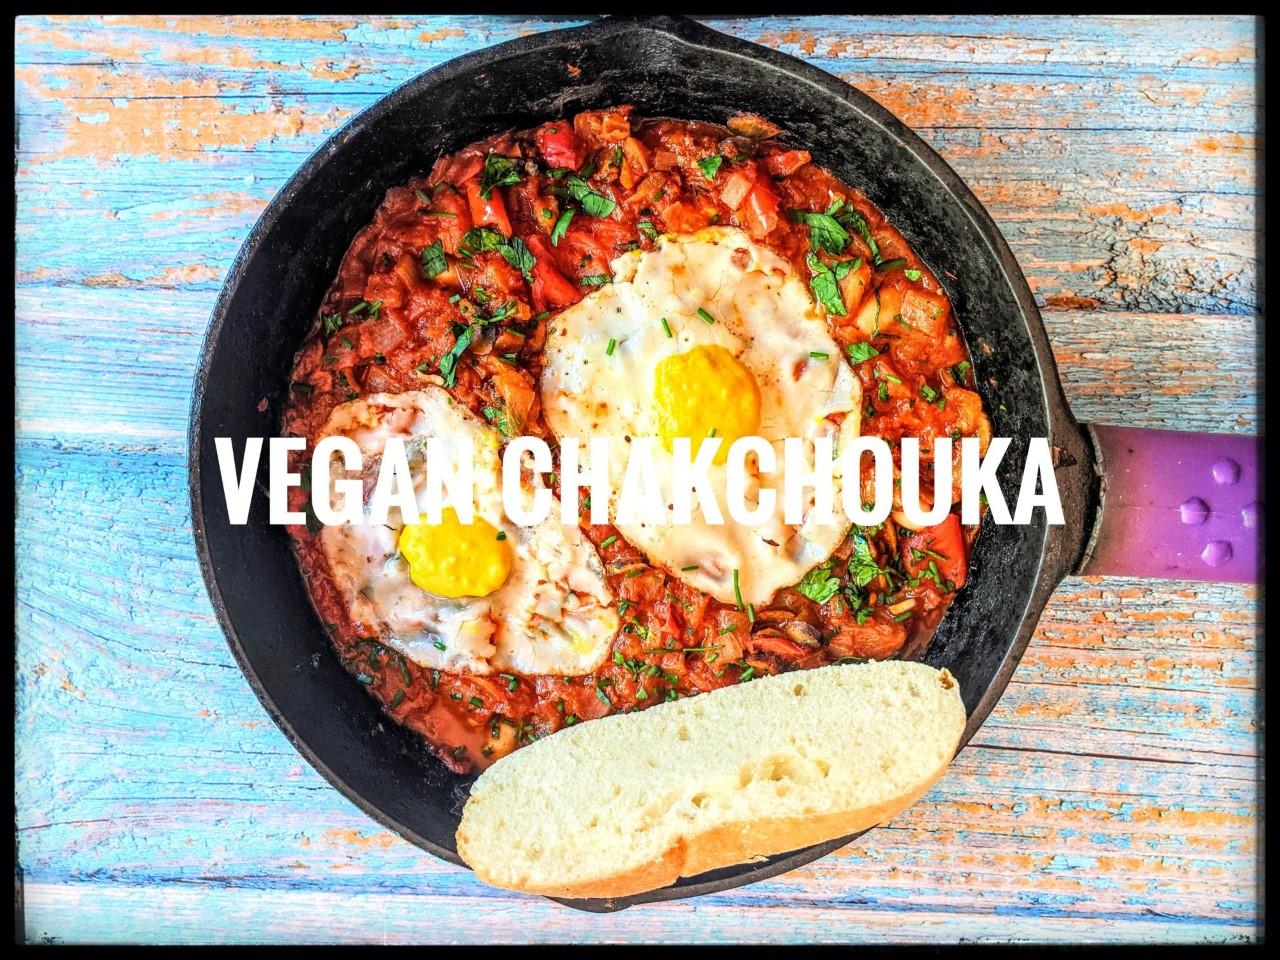 Vegan Chakchouka